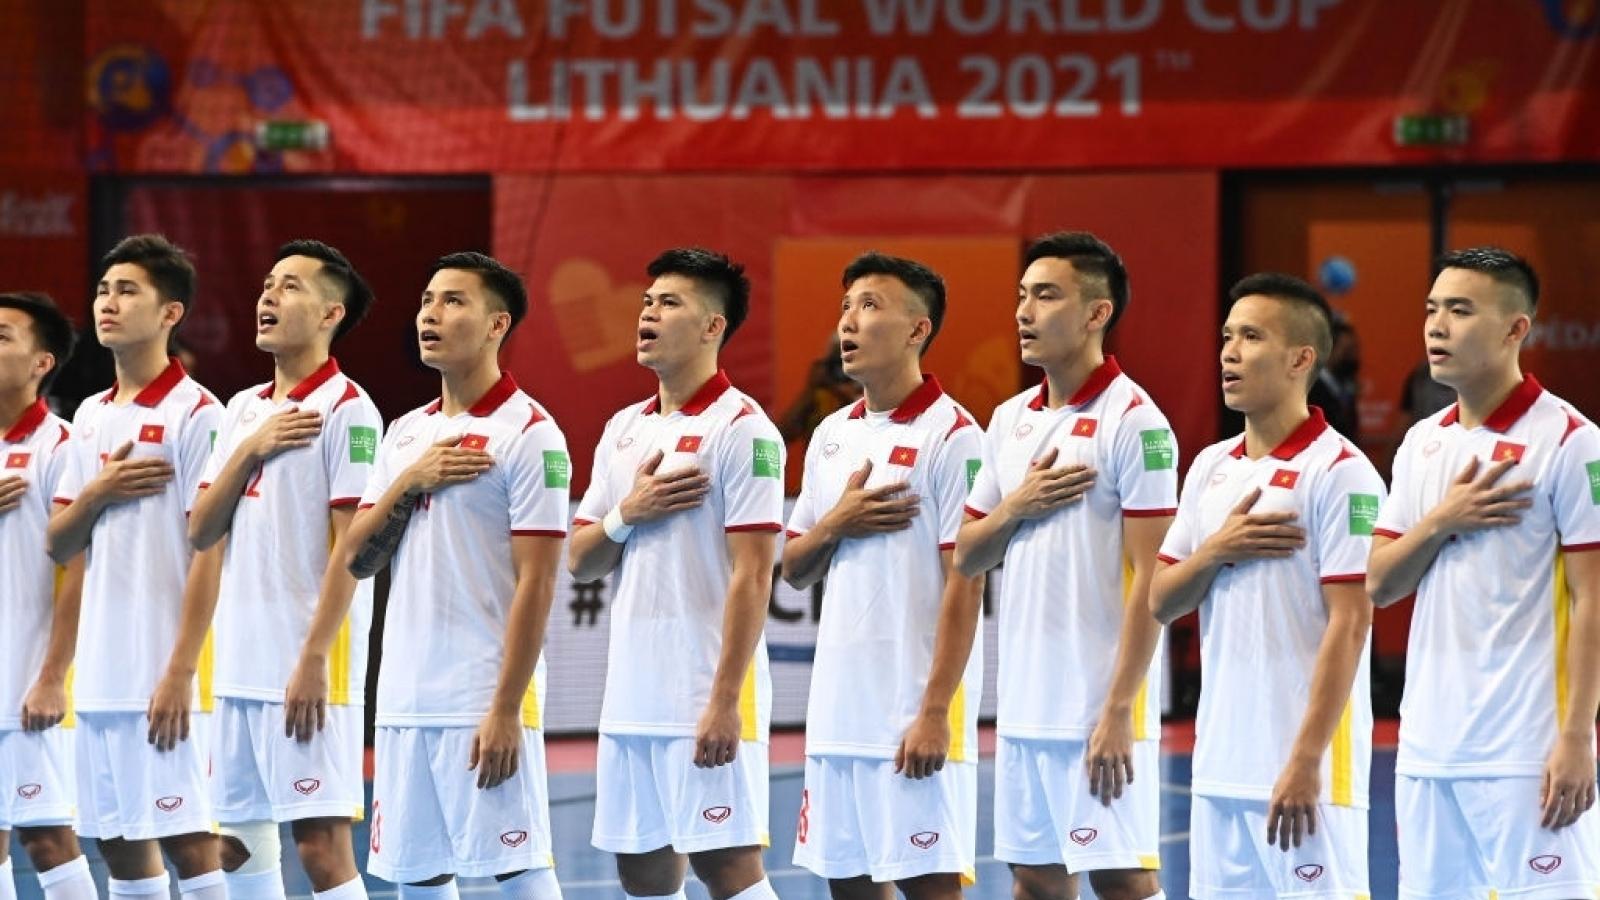 Trưởng đoàn Trần Anh Tú nhận diện sức mạnh của ĐT Futsal Nga